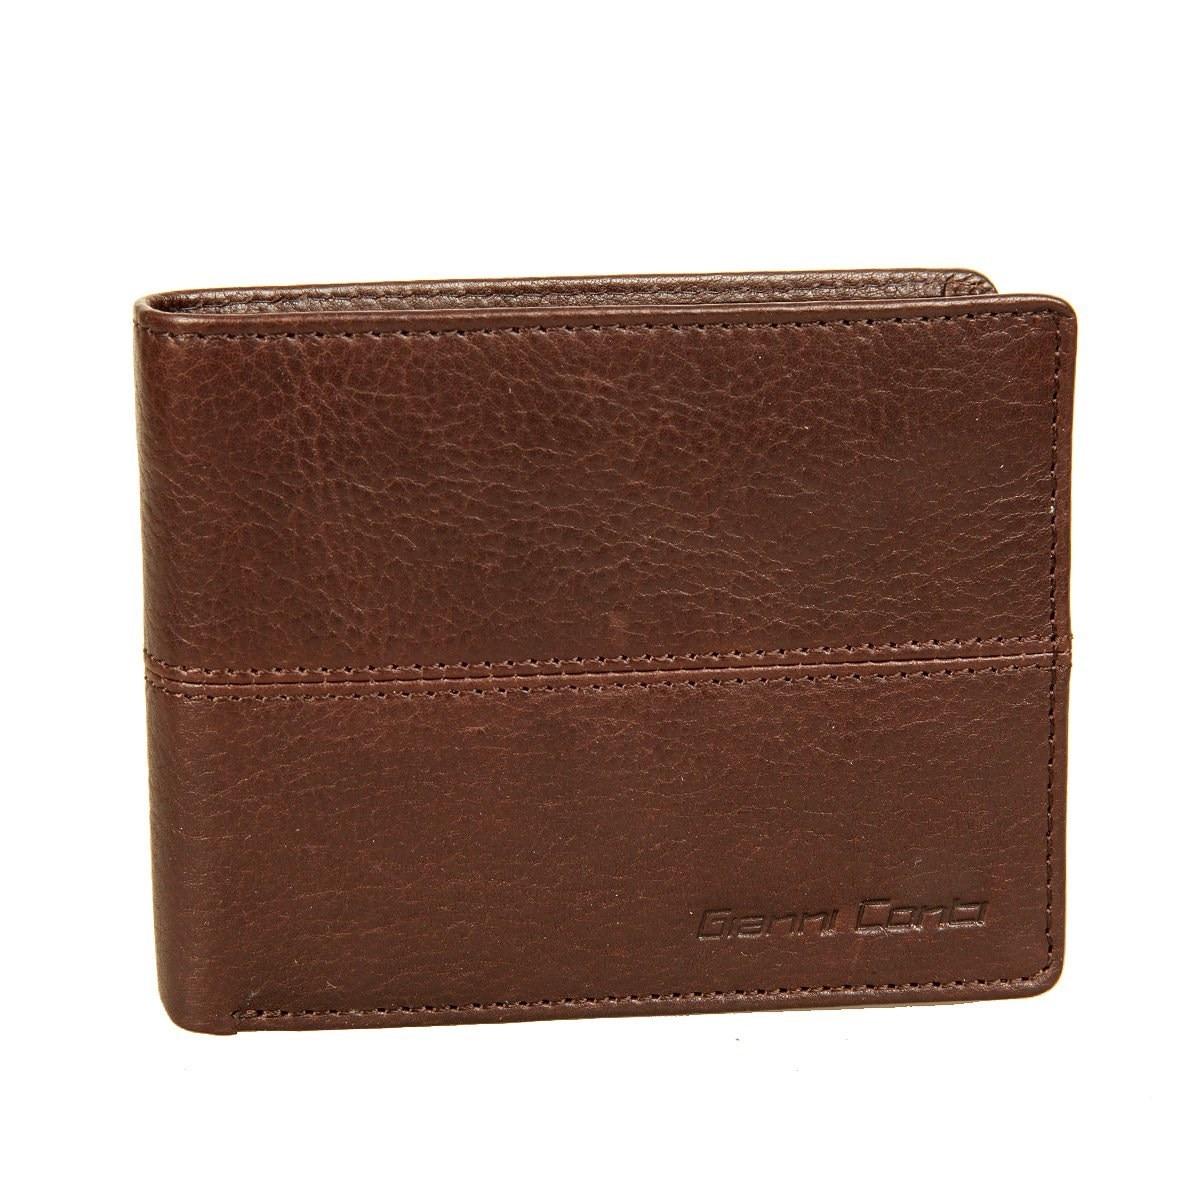 Coin Purse Gianni Conti 1137100E dark brown